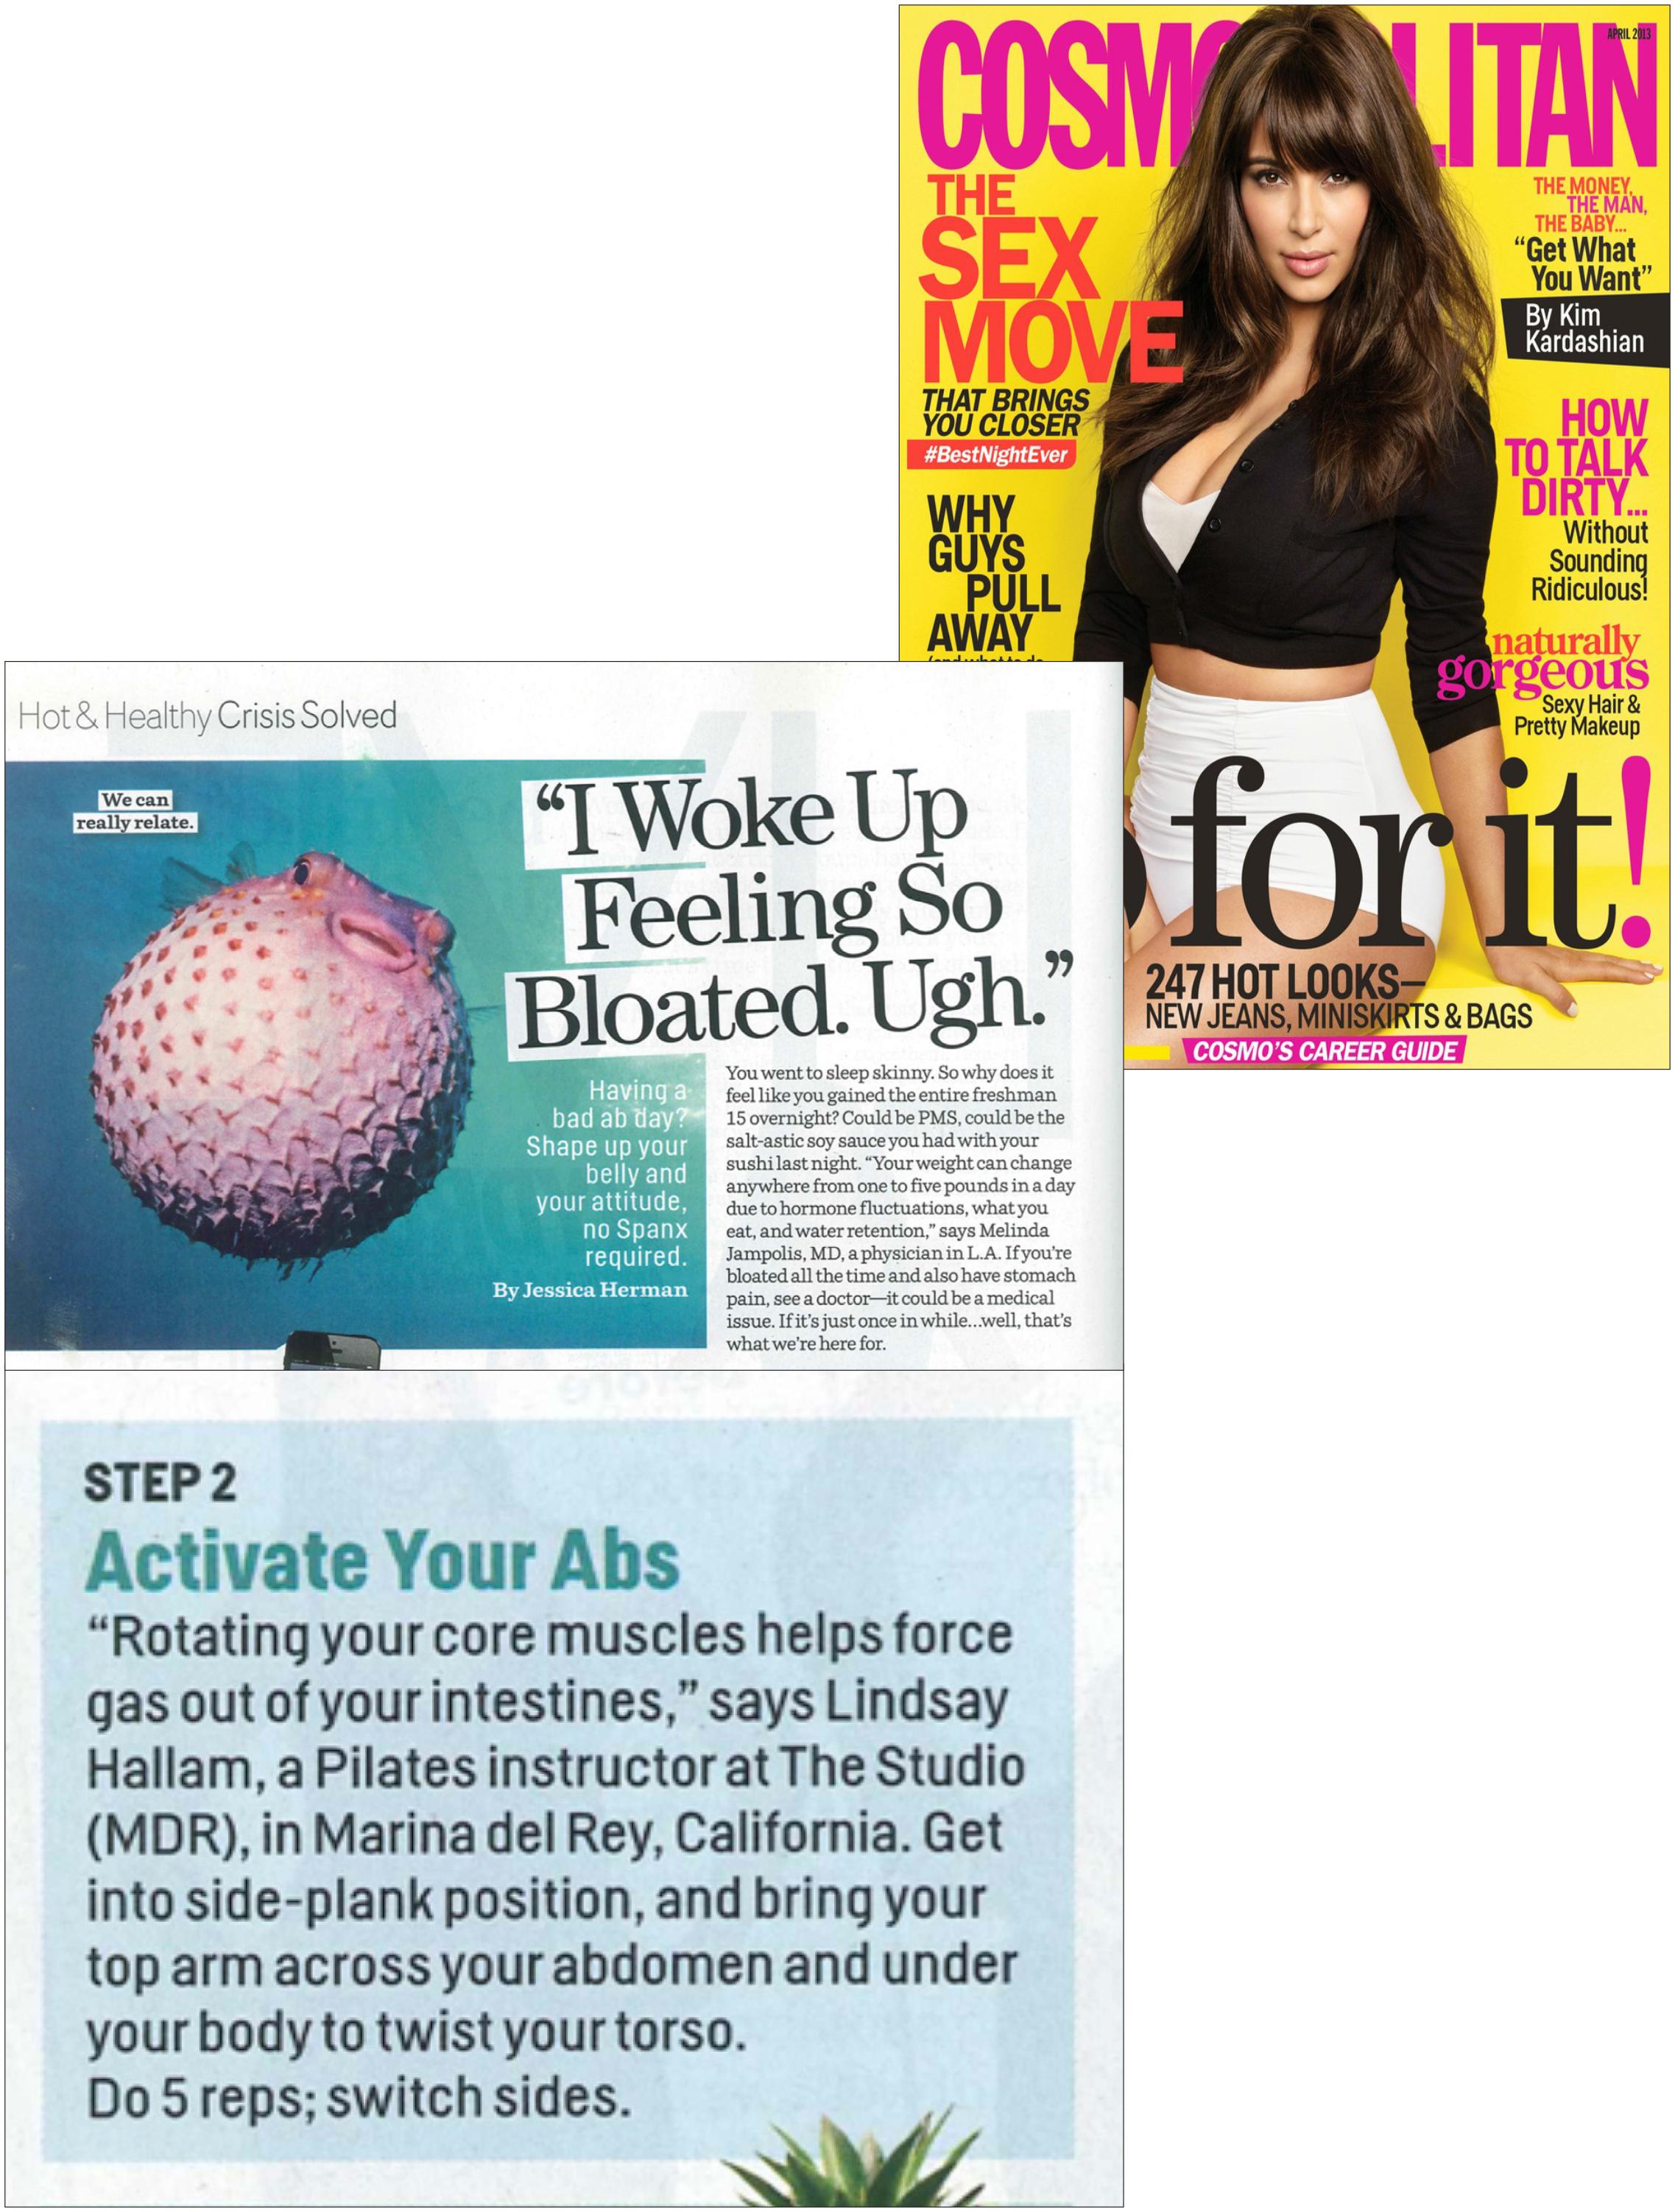 Cosmopolitan article, April 13